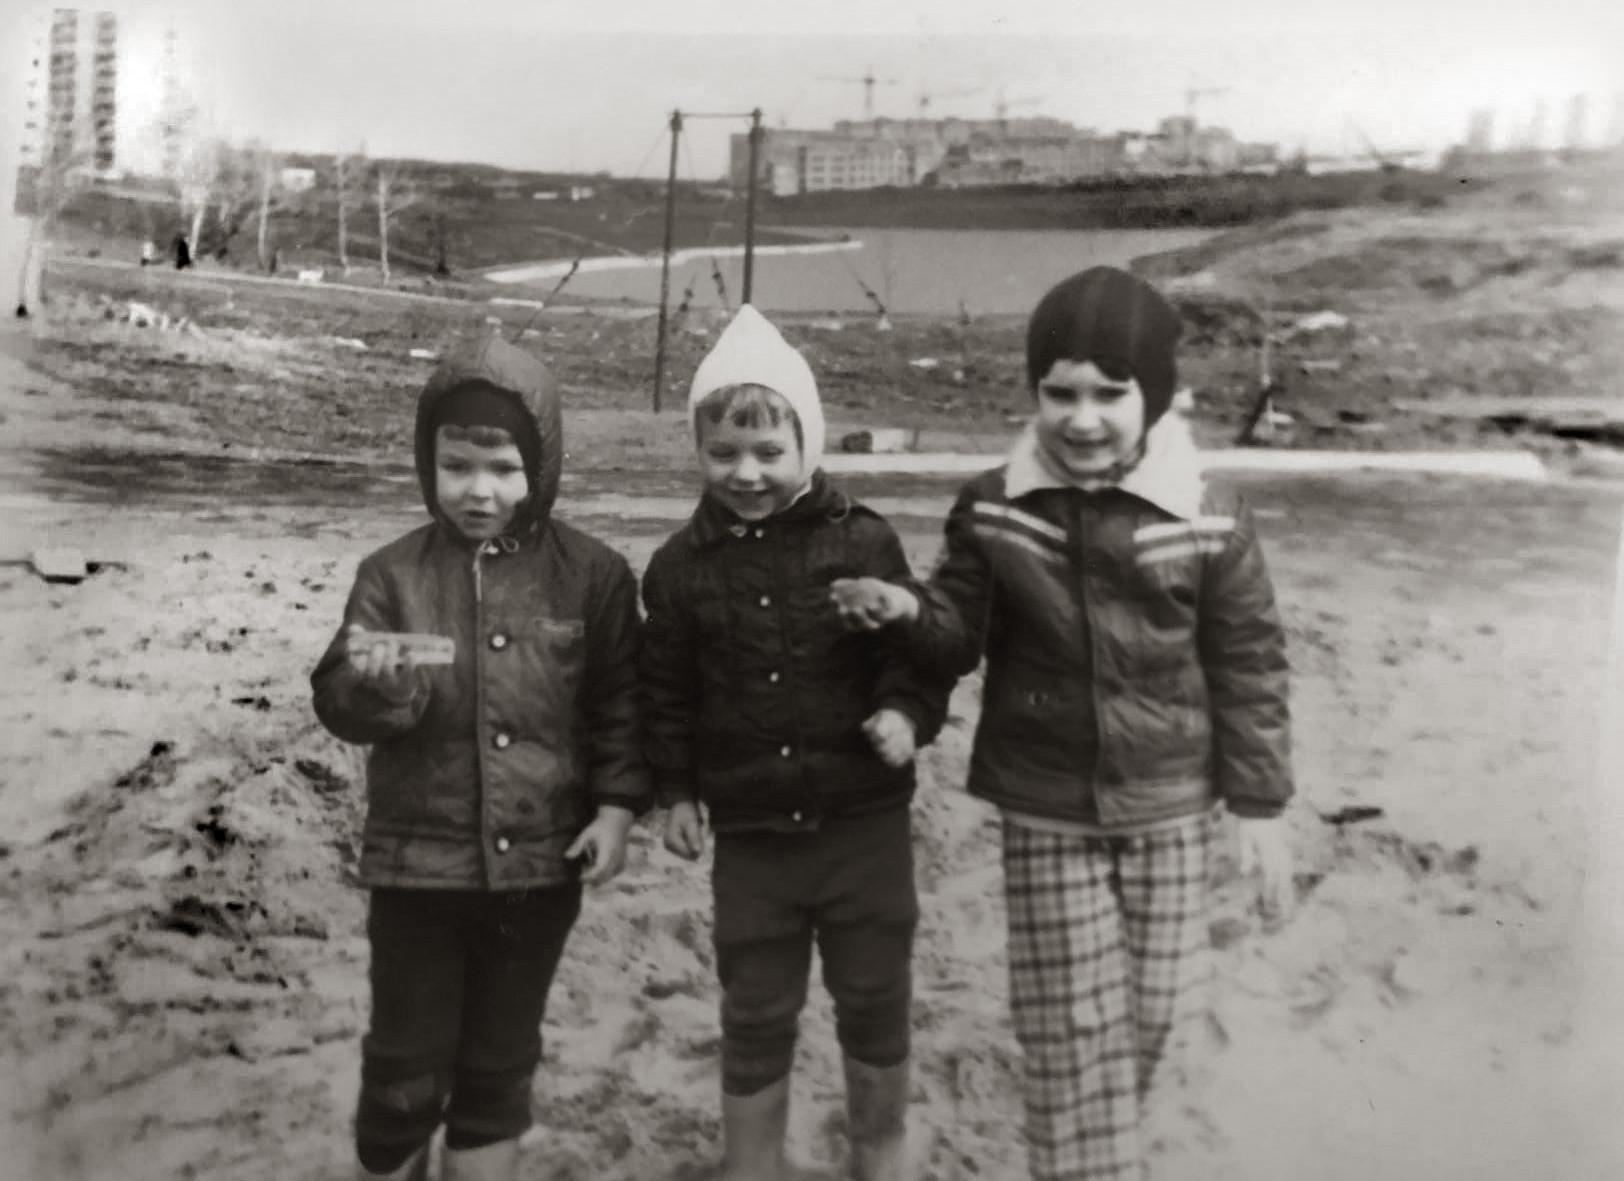 1983 Вид с пустыря между 29к3 и Мичуринским проспектом. Вид в сторону пруда, на этом месте сейчас Мичуринский проспект д. 80 стоит. Алексей Ковалёв01